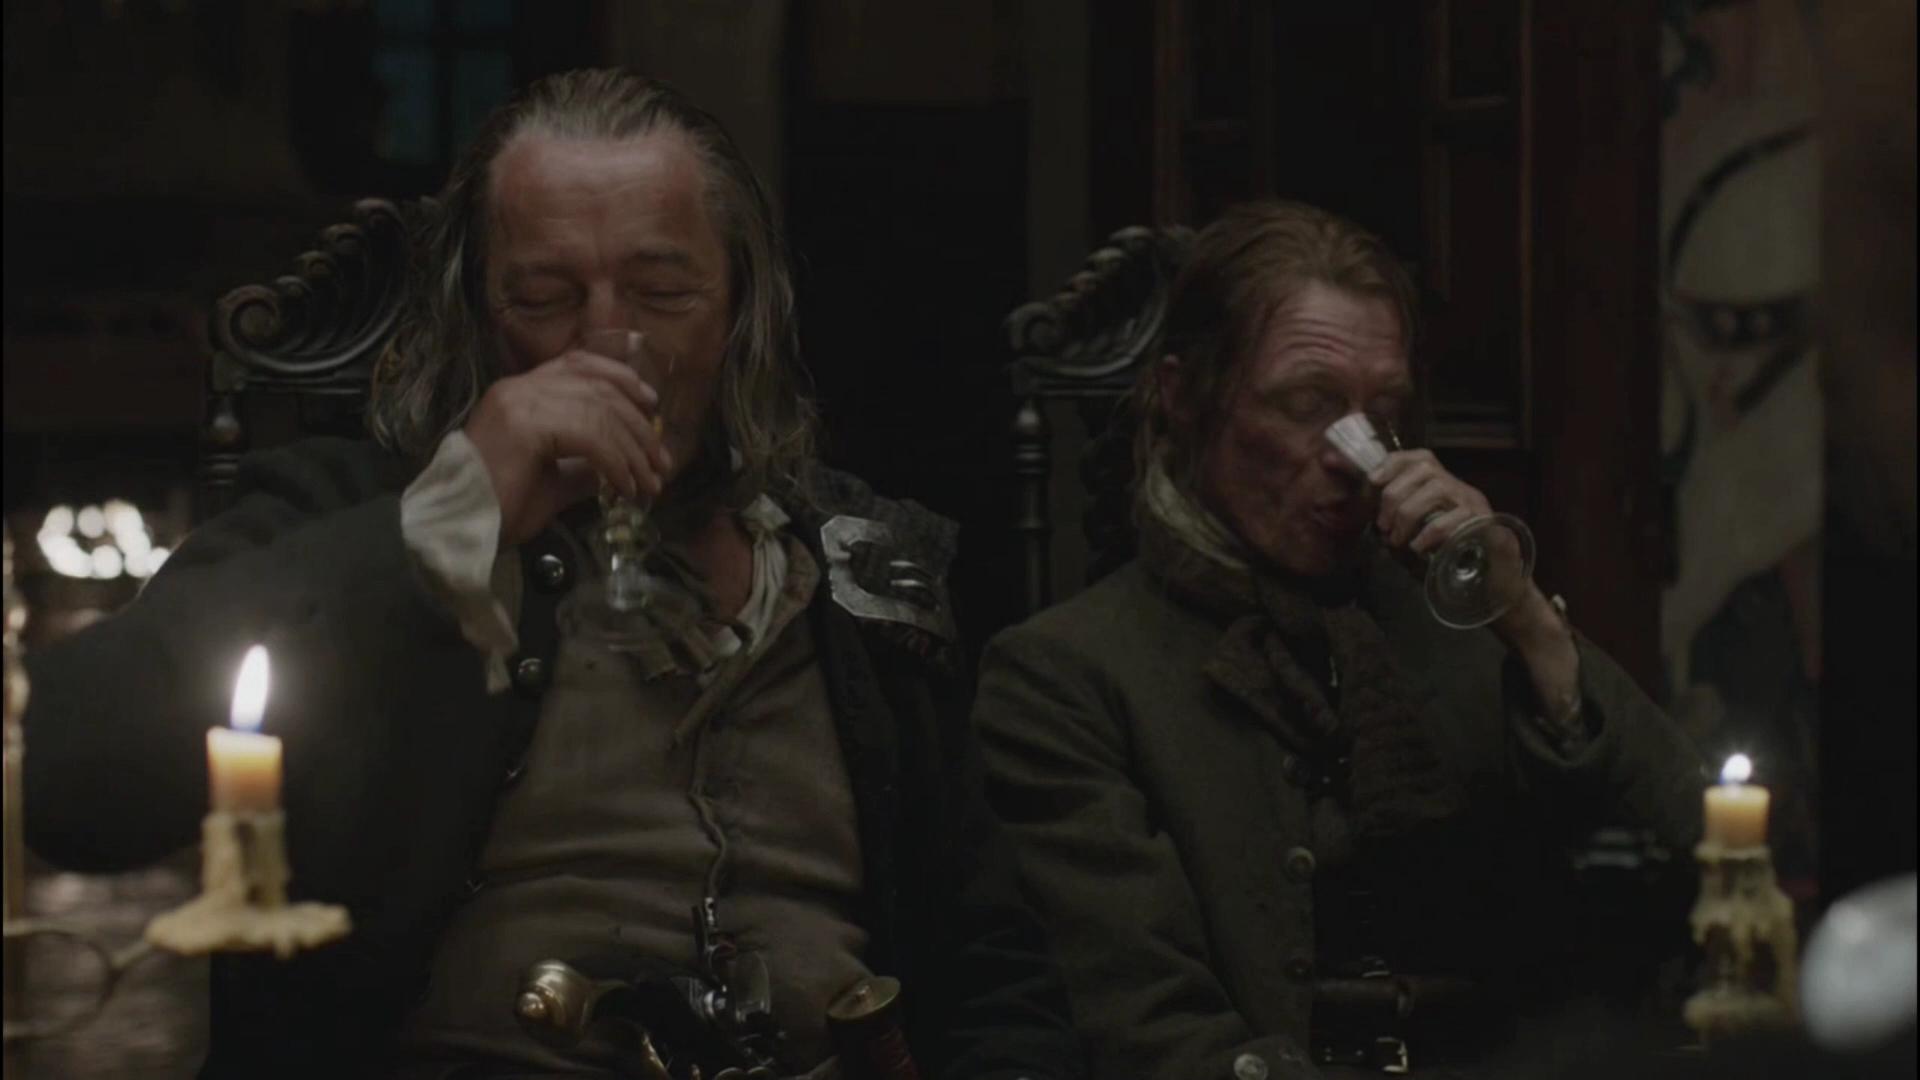 Outlander - Show News, Reviews, Recaps and Photos - TV.com